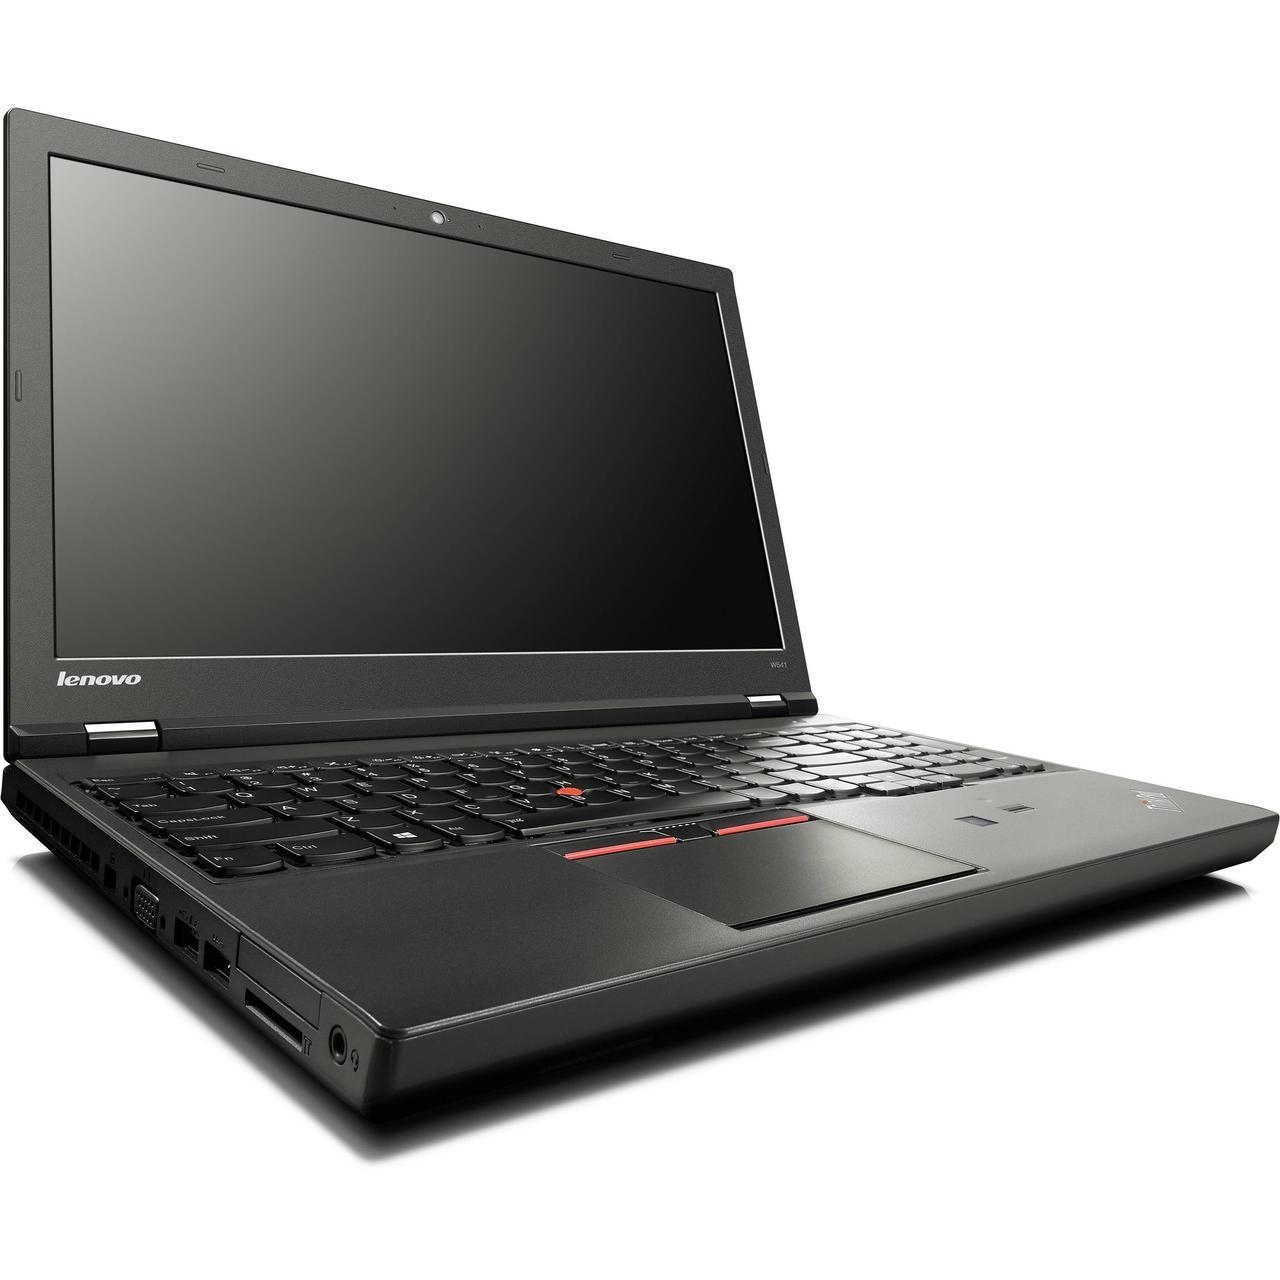 Ремонт ноутбука Lenovo ThinkPad W541